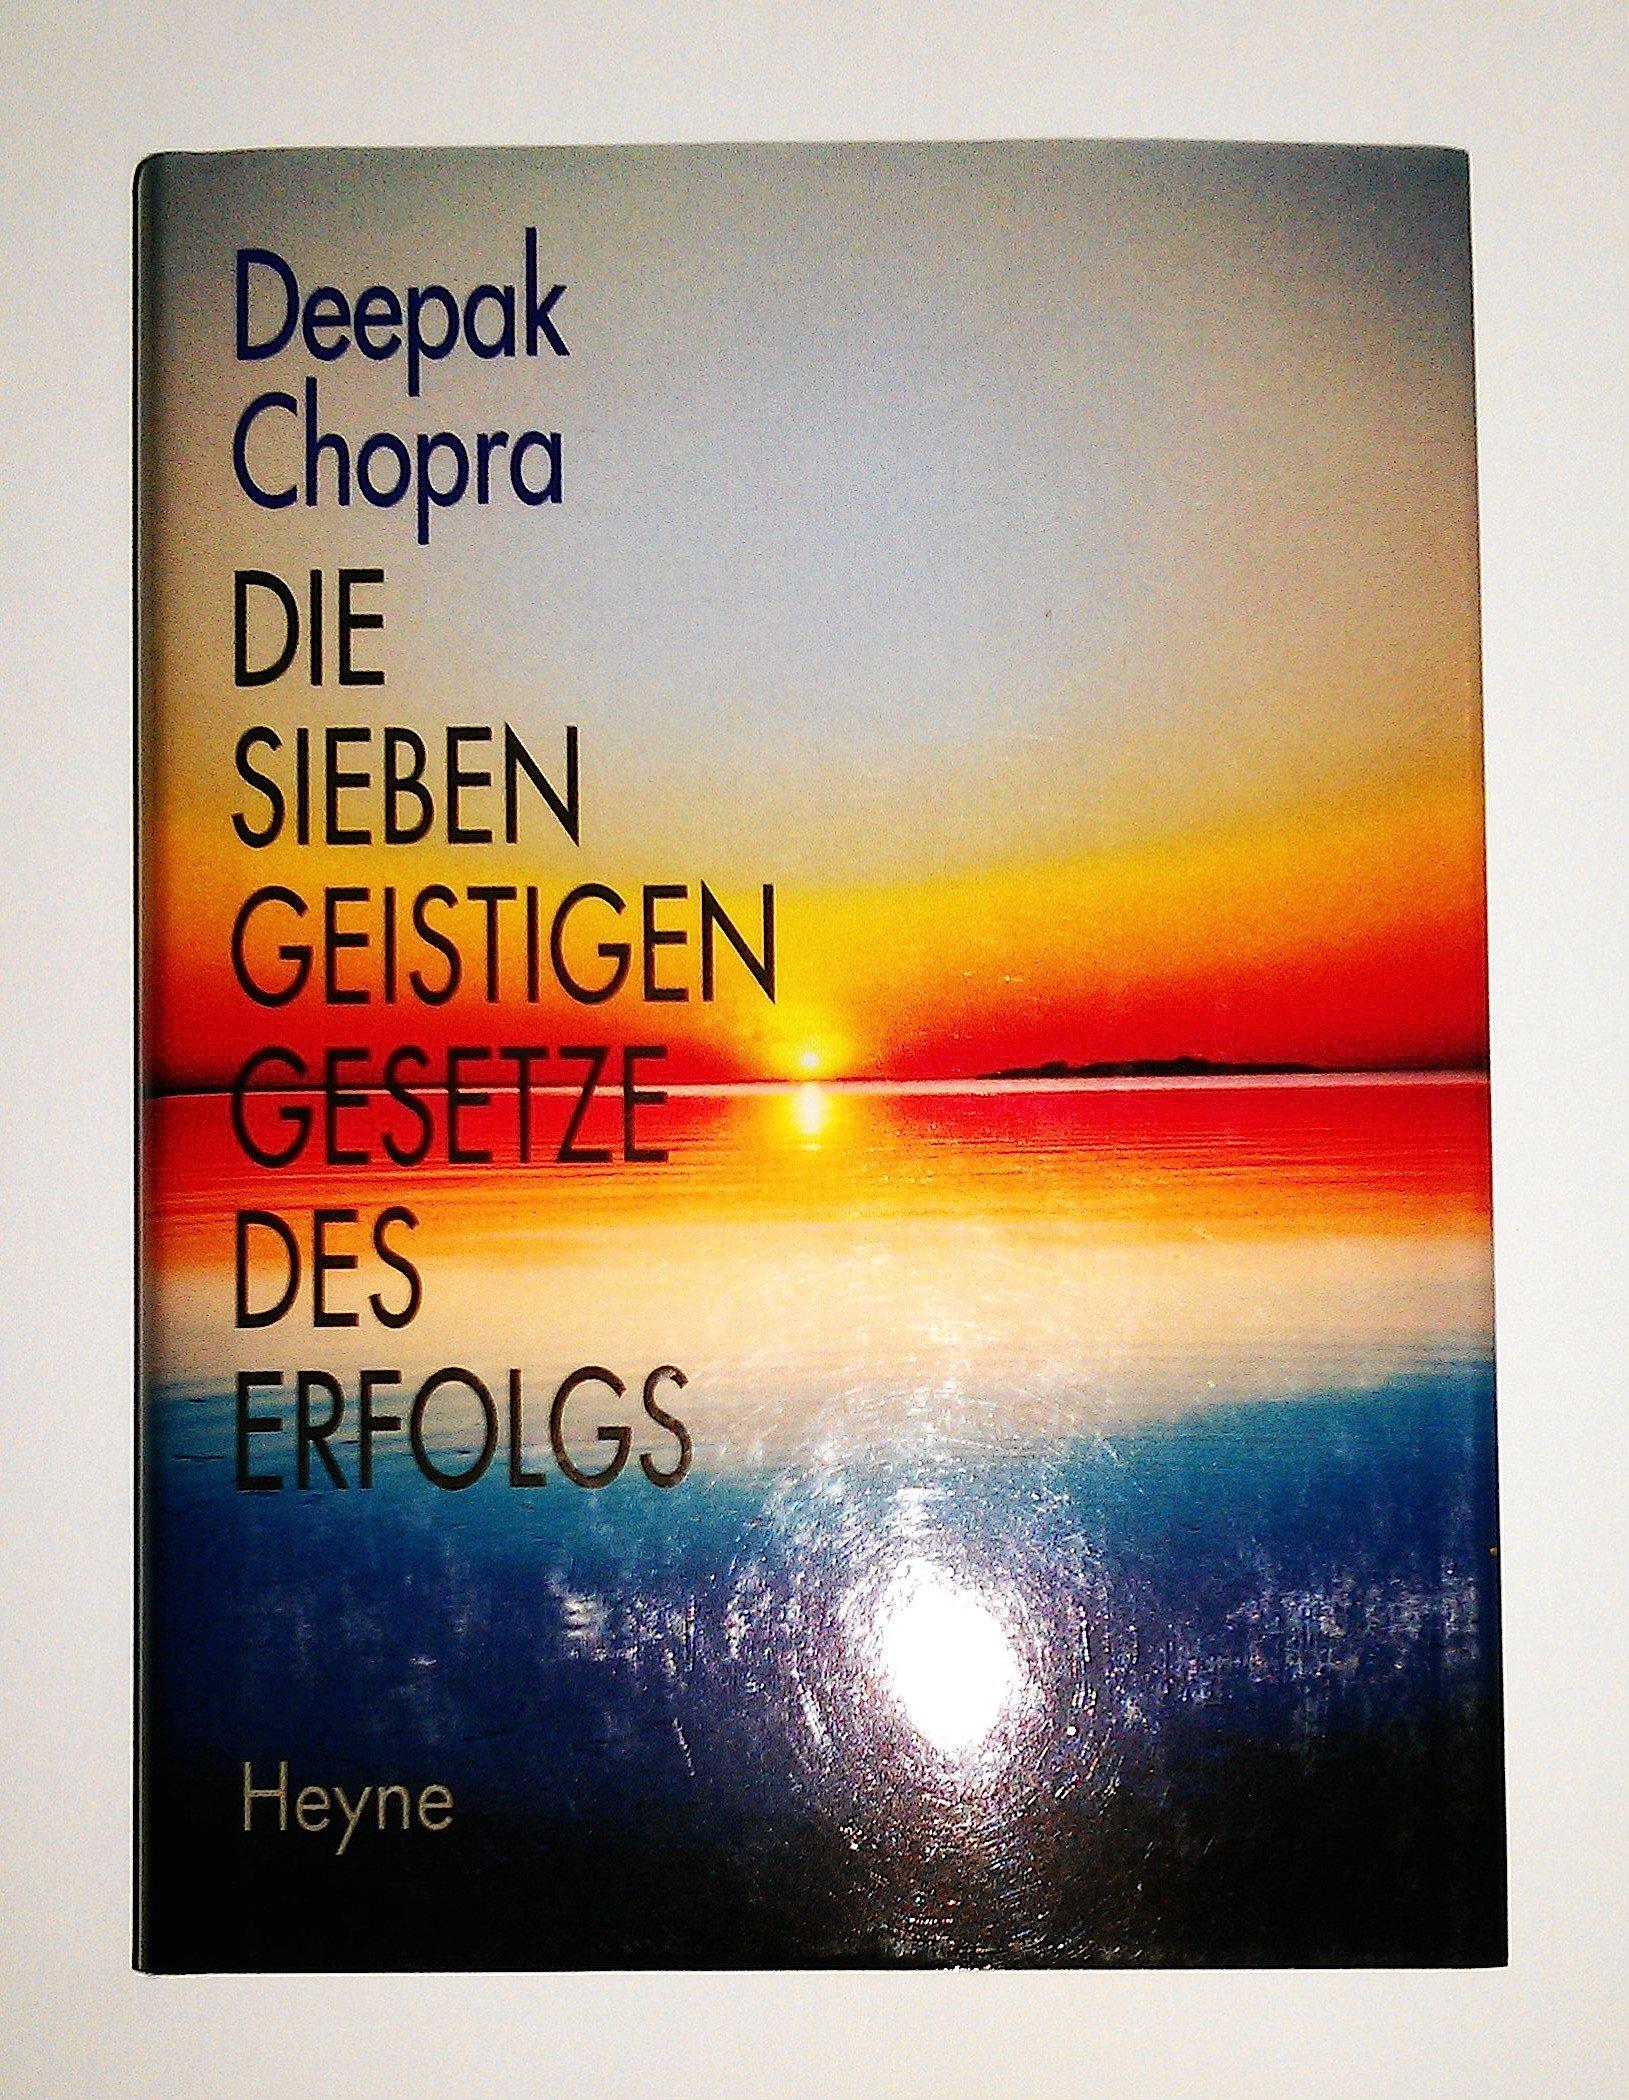 Die sieben geistigen Gesetze des Erfolgs Gebundenes Buch – 1. Januar 1996 Deepak Chopra Annette Charpentier Heyne 3453114337